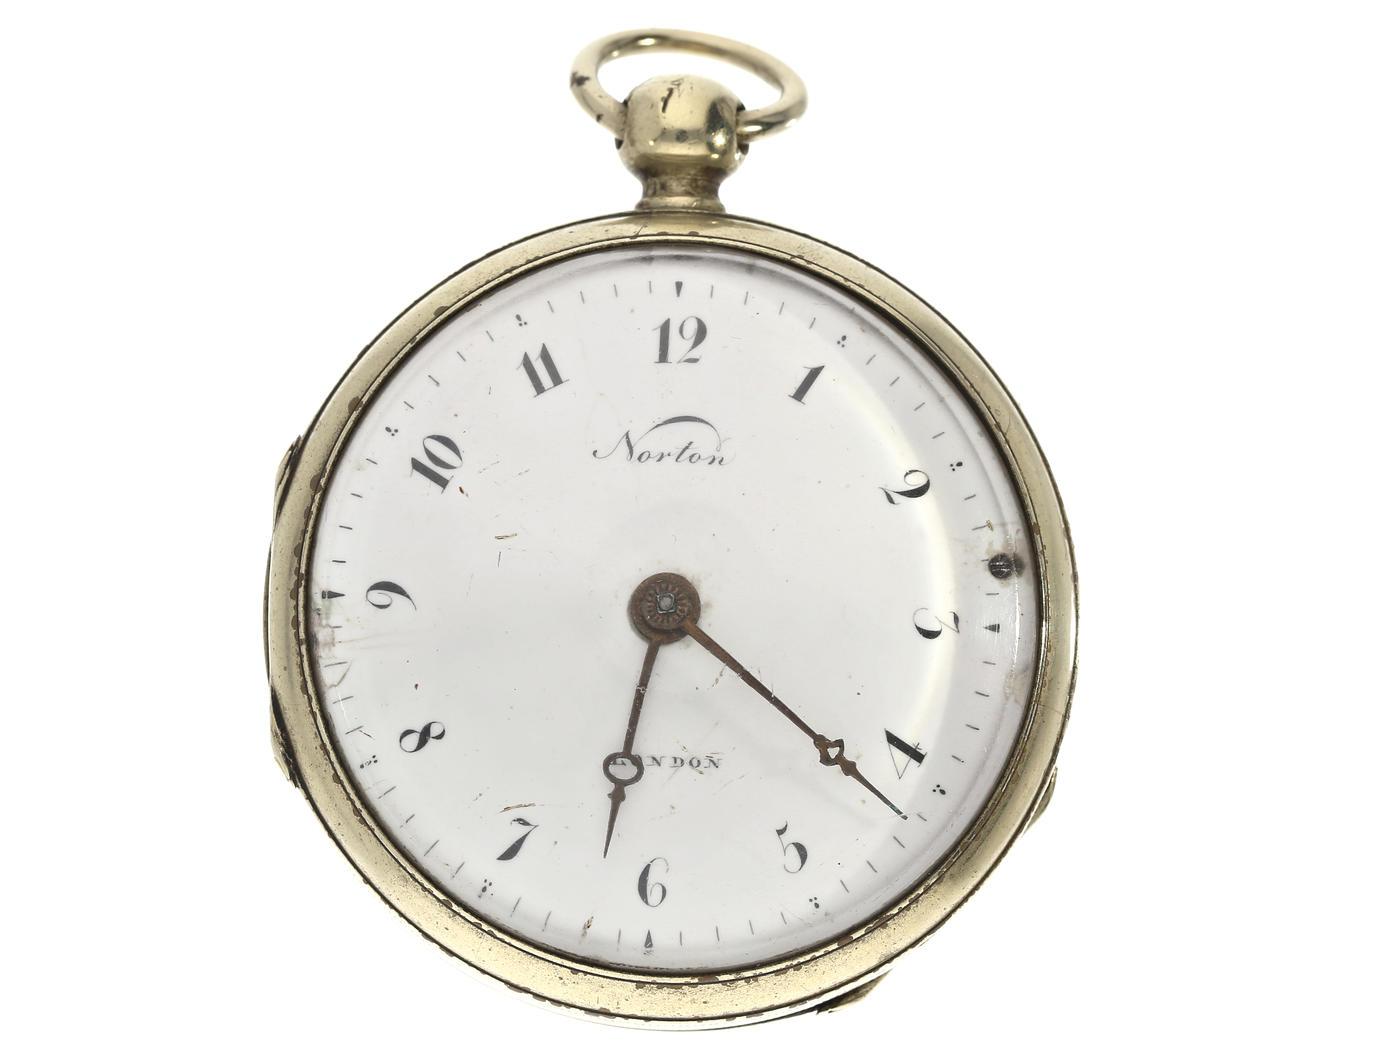 Taschenuhr: große Spindeluhr, signiert Norton London, um 1800 Ca. Ø55mm, ca. 120g, Nickelgehäuse,